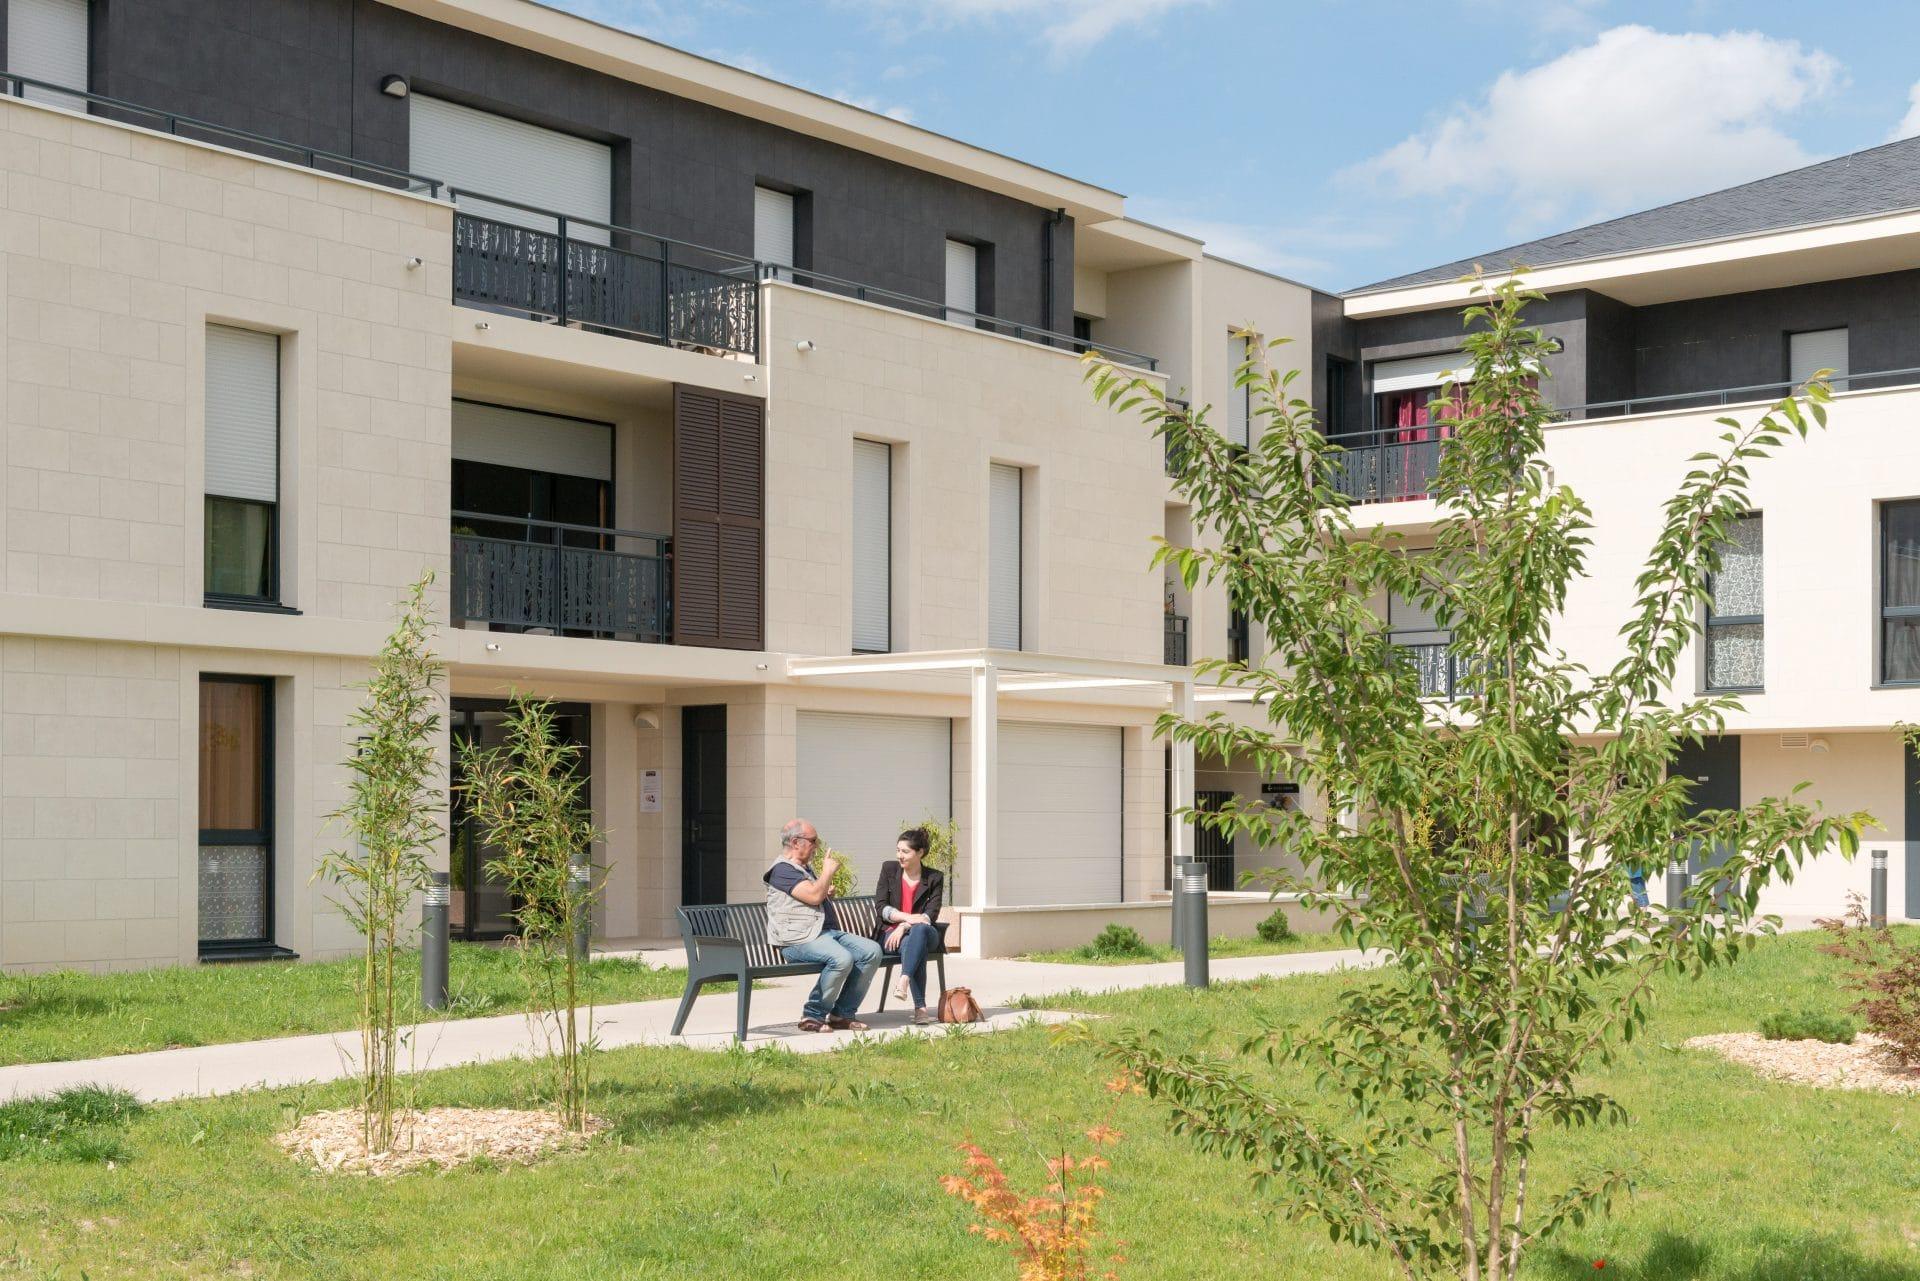 Plan de relance : le Nord-Est mise sur le logement intermédiaire et le logement abordable contractualisé (LAC)